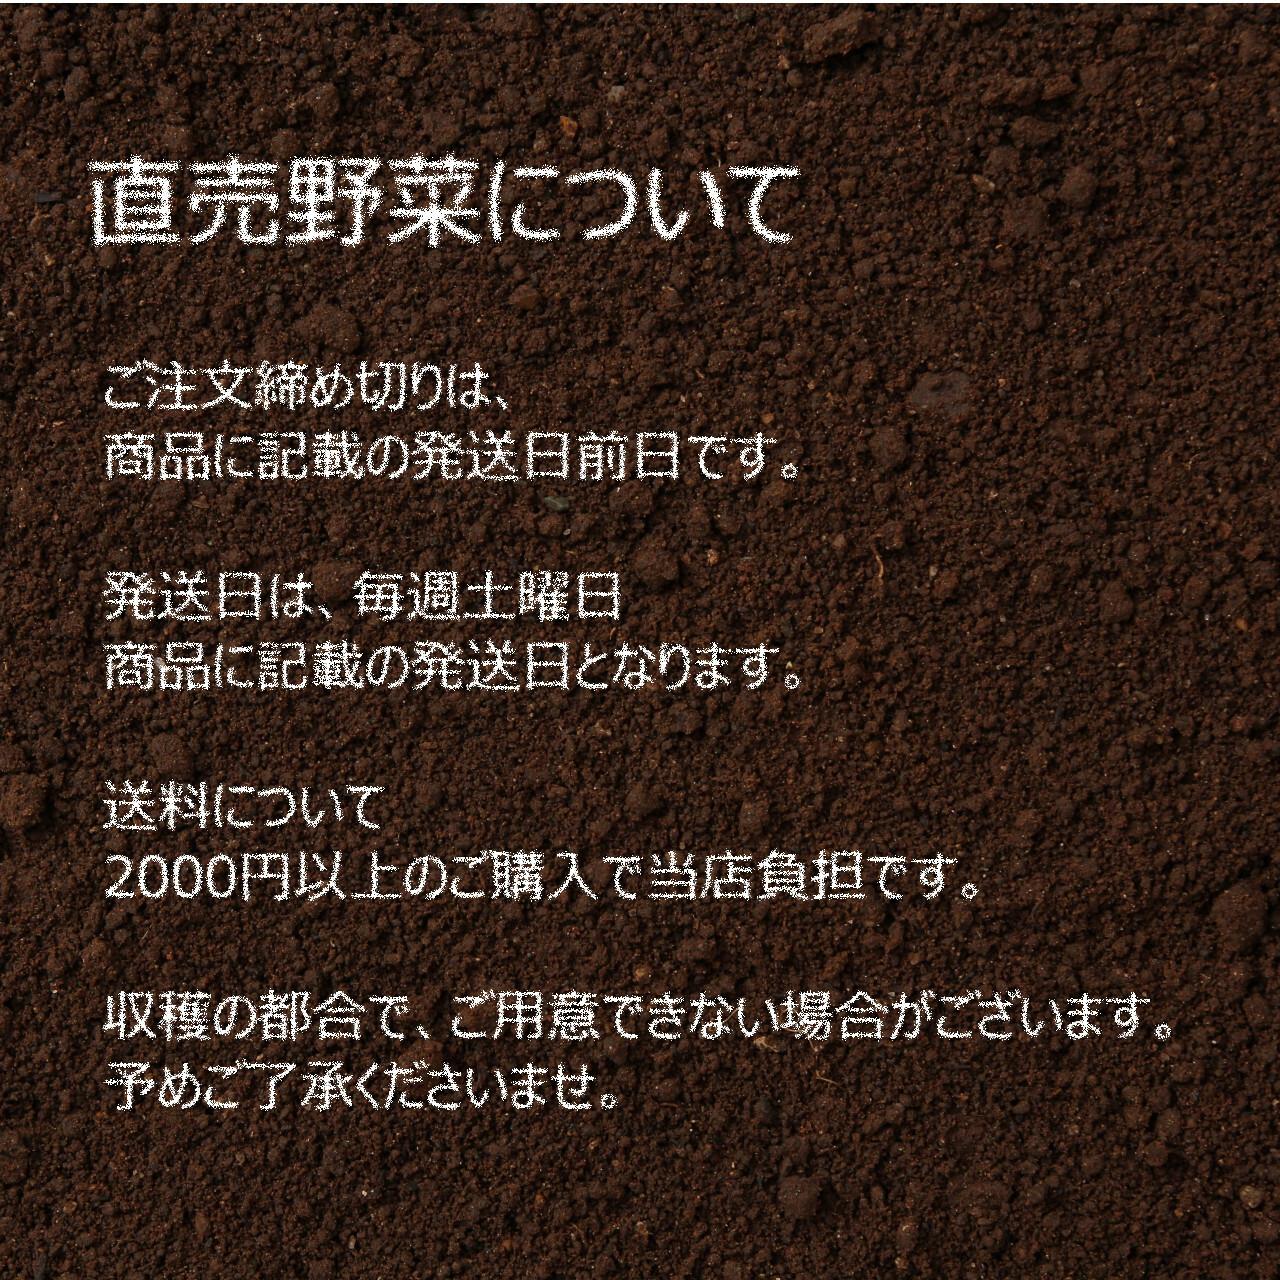 新鮮な秋野菜 : オクラ 約100g 9月の朝採り直売野菜 9月28日発送予定